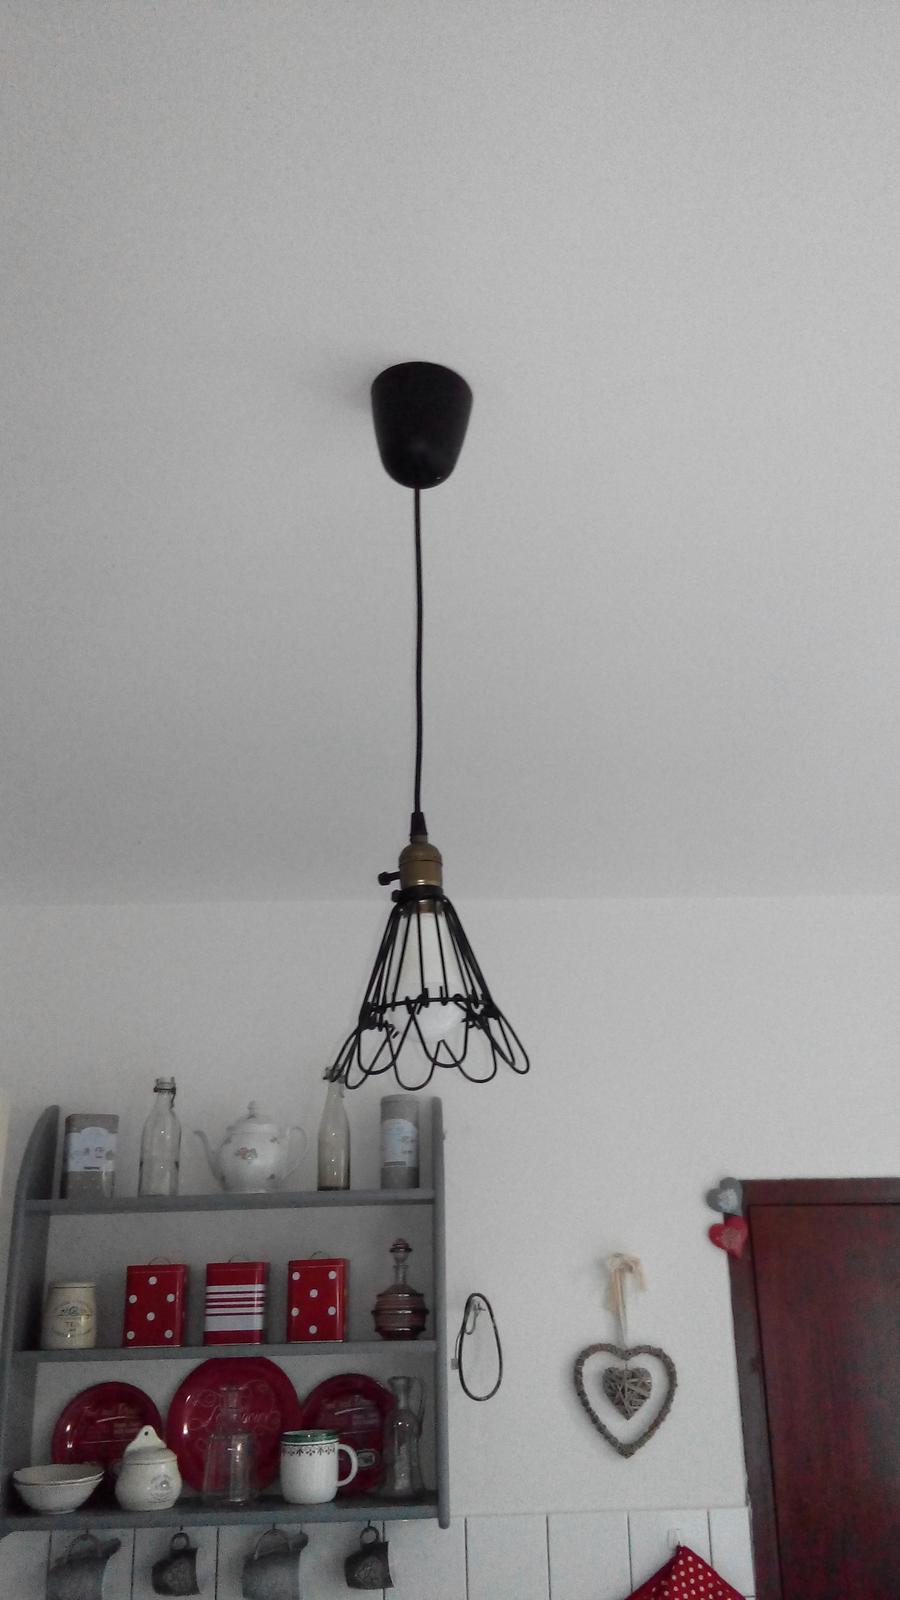 Kuchyňa - Hura, konecne mam zavesenu lampu :-)